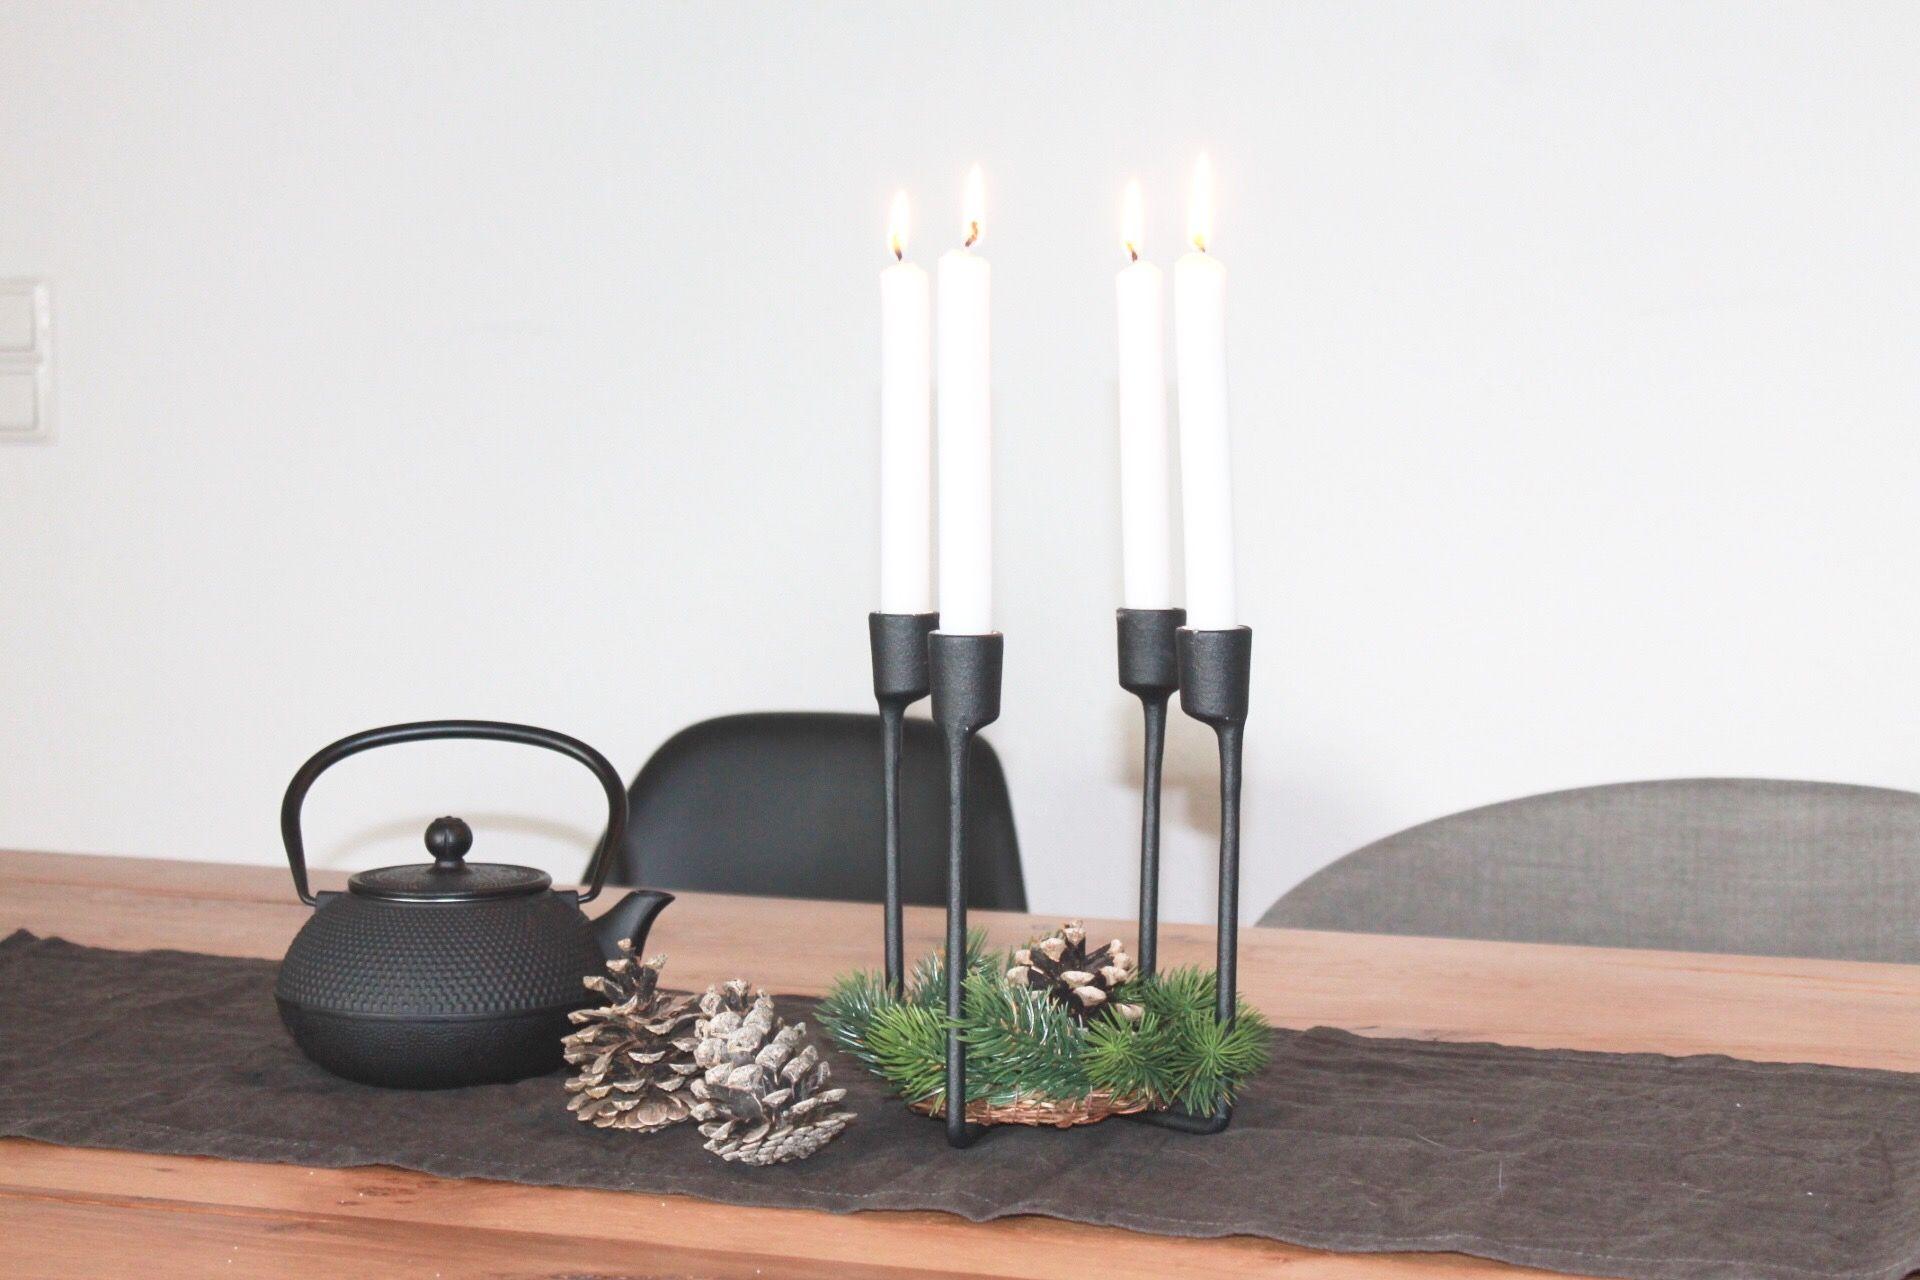 Im Esszimmer Wollte Ich Die Tischdekoration Winterlich, Schlicht Und Doch Gemütlich  Gestalten.